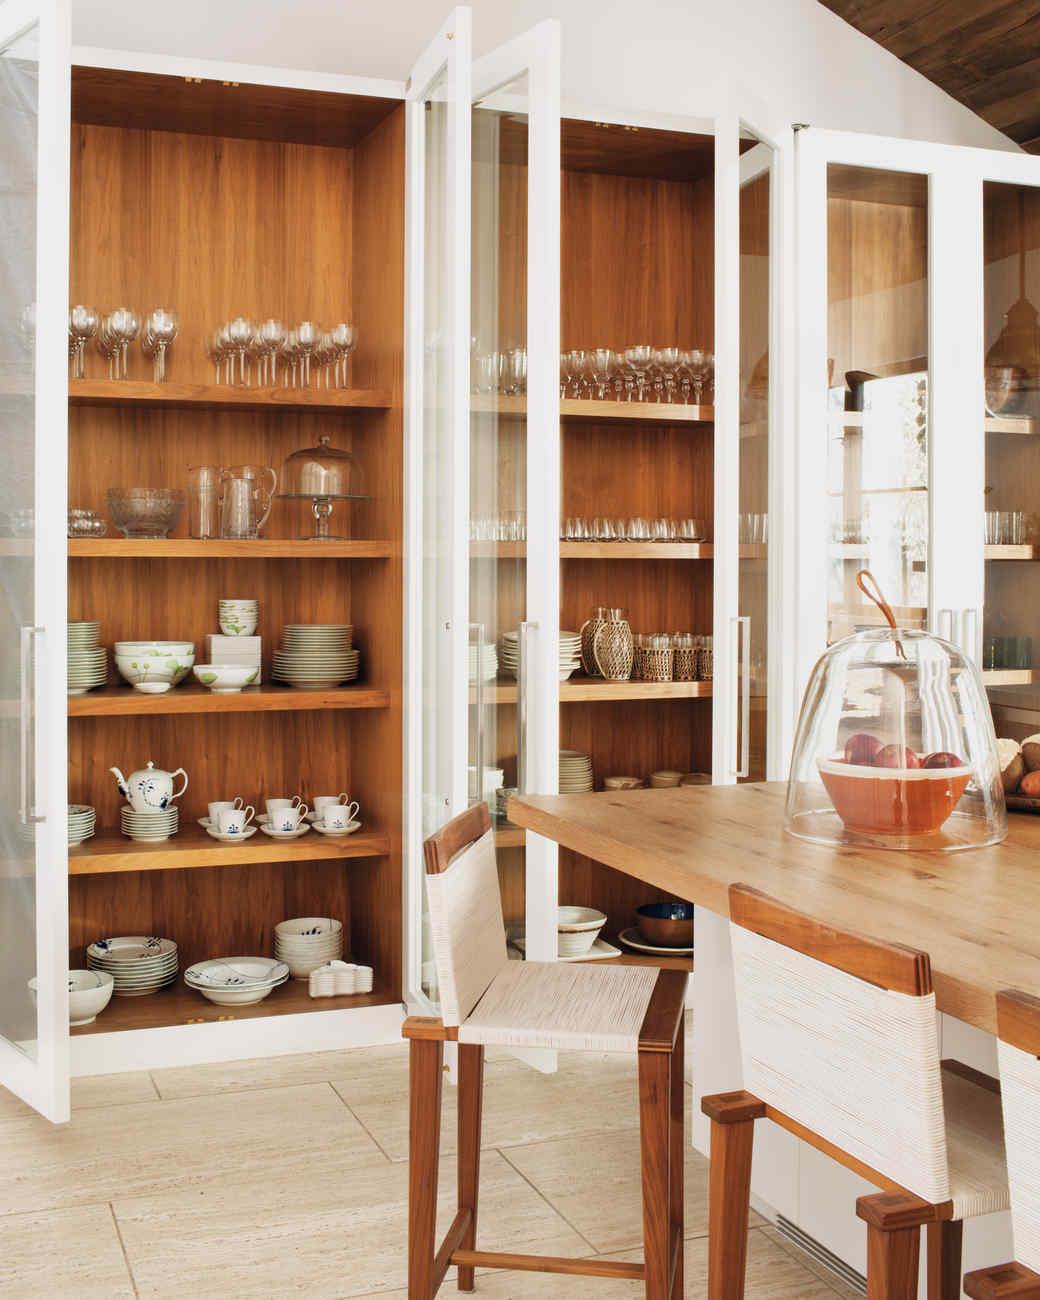 kitchen-cupboards-056-r-mld109599.jpg